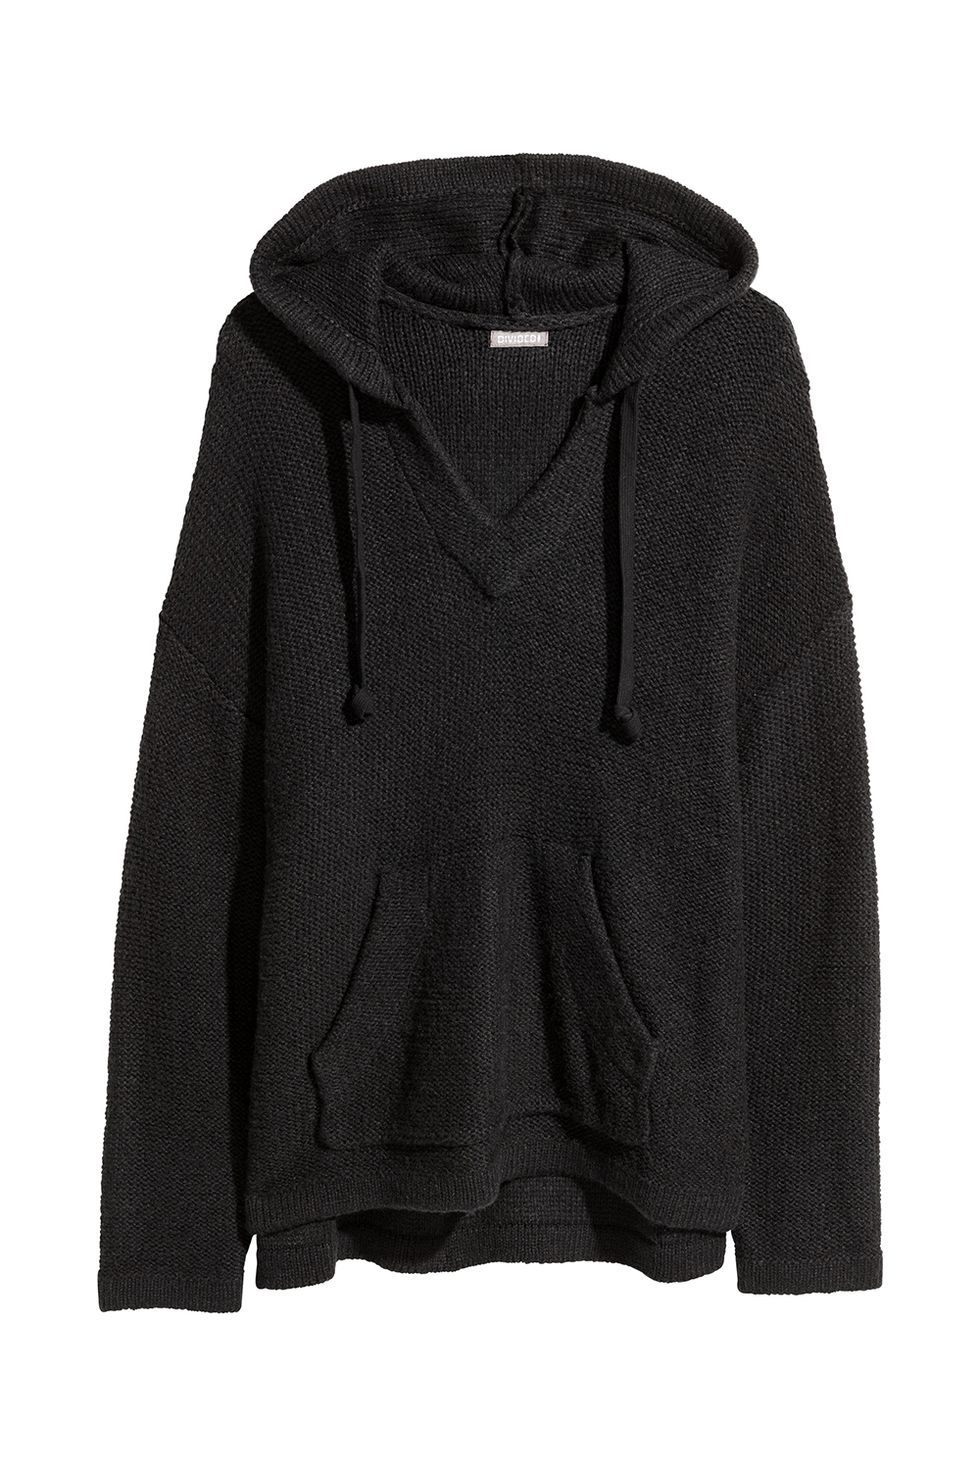 Fashion Fall Trend: Stylish Sweatshirts